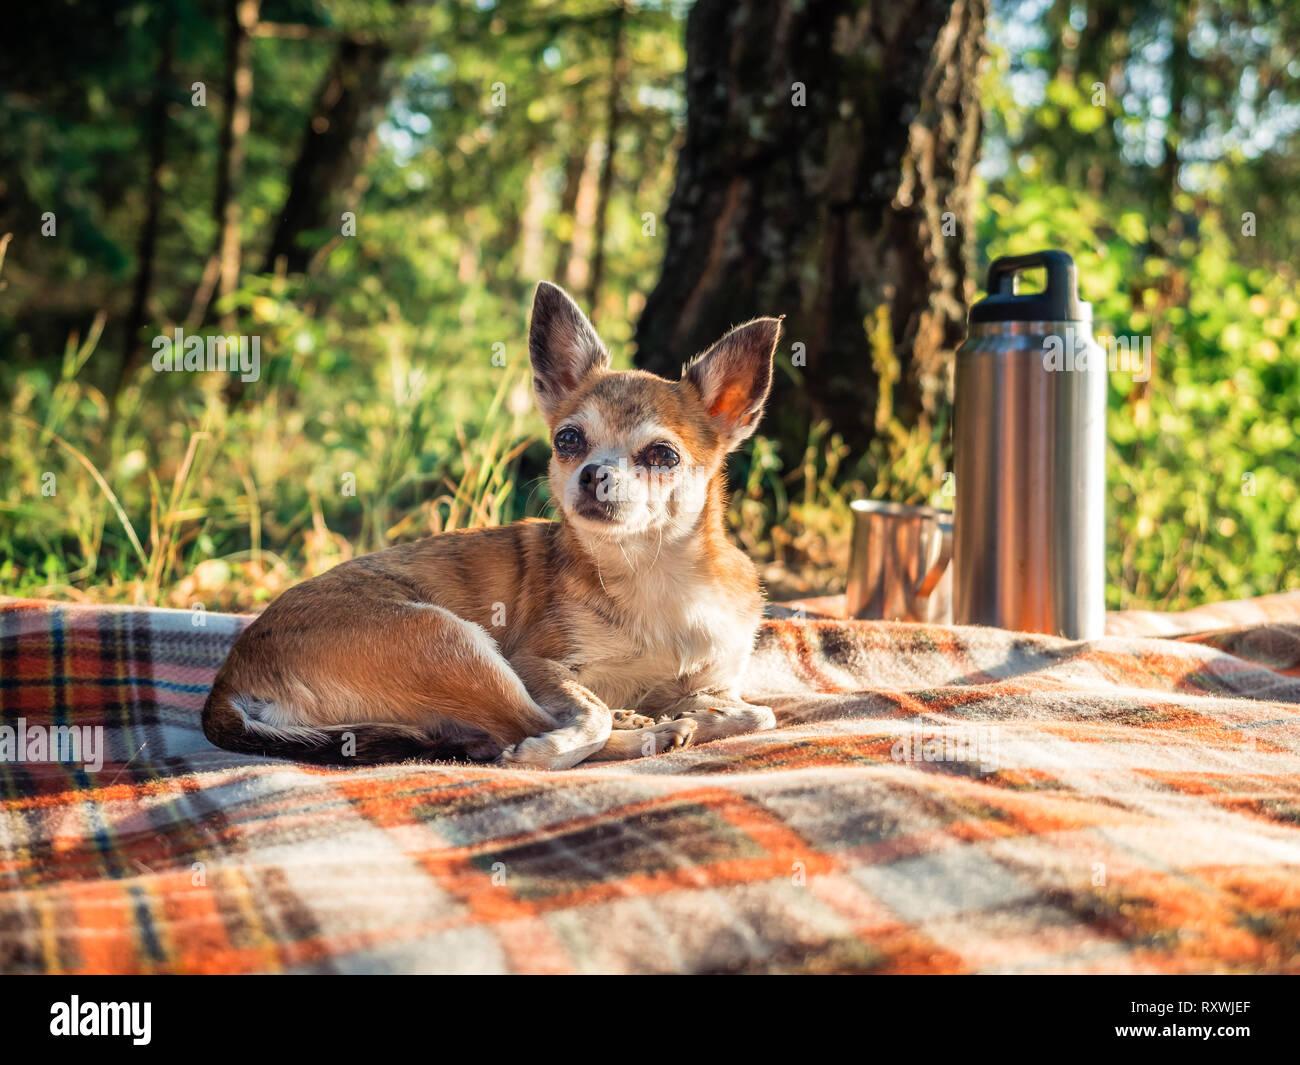 6b4e6ba1813ca Mignon petit chien chihuahua allongé sur une couverture dans la nature.  Close up petit chiwawa